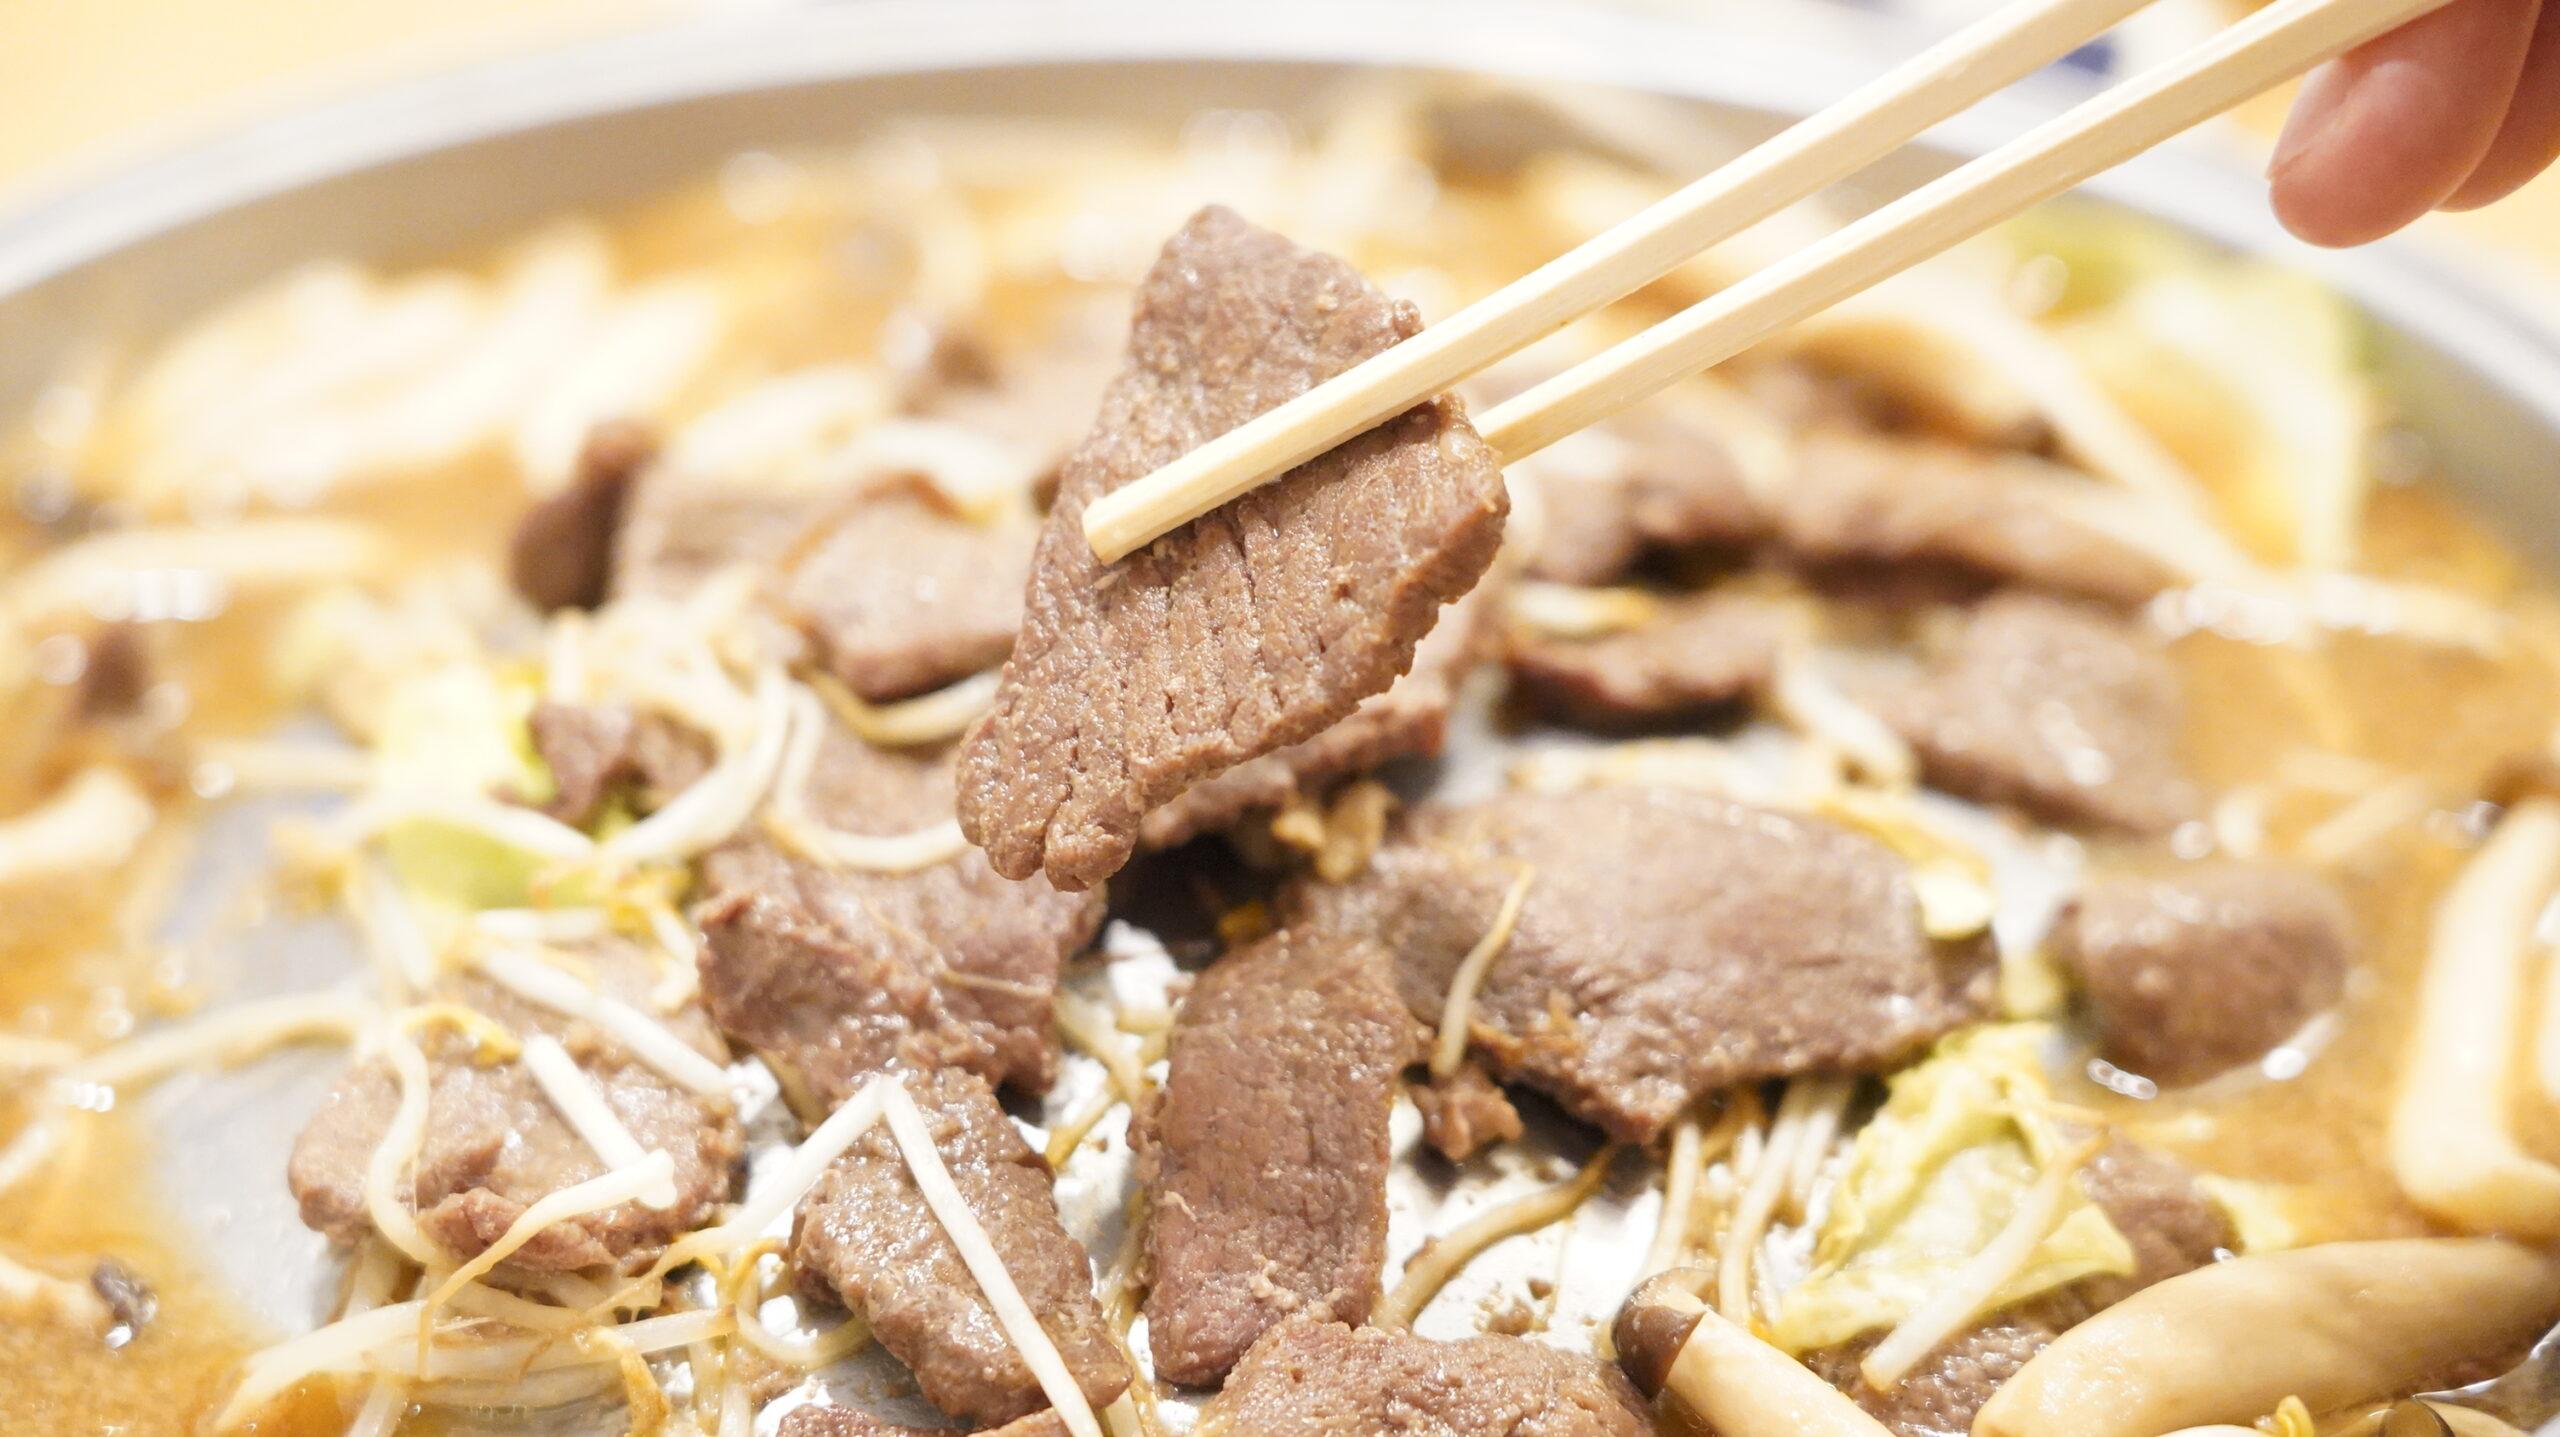 松尾ジンギスカンを通販でお取り寄せした冷凍マトン肉を箸でつまんでいる写真